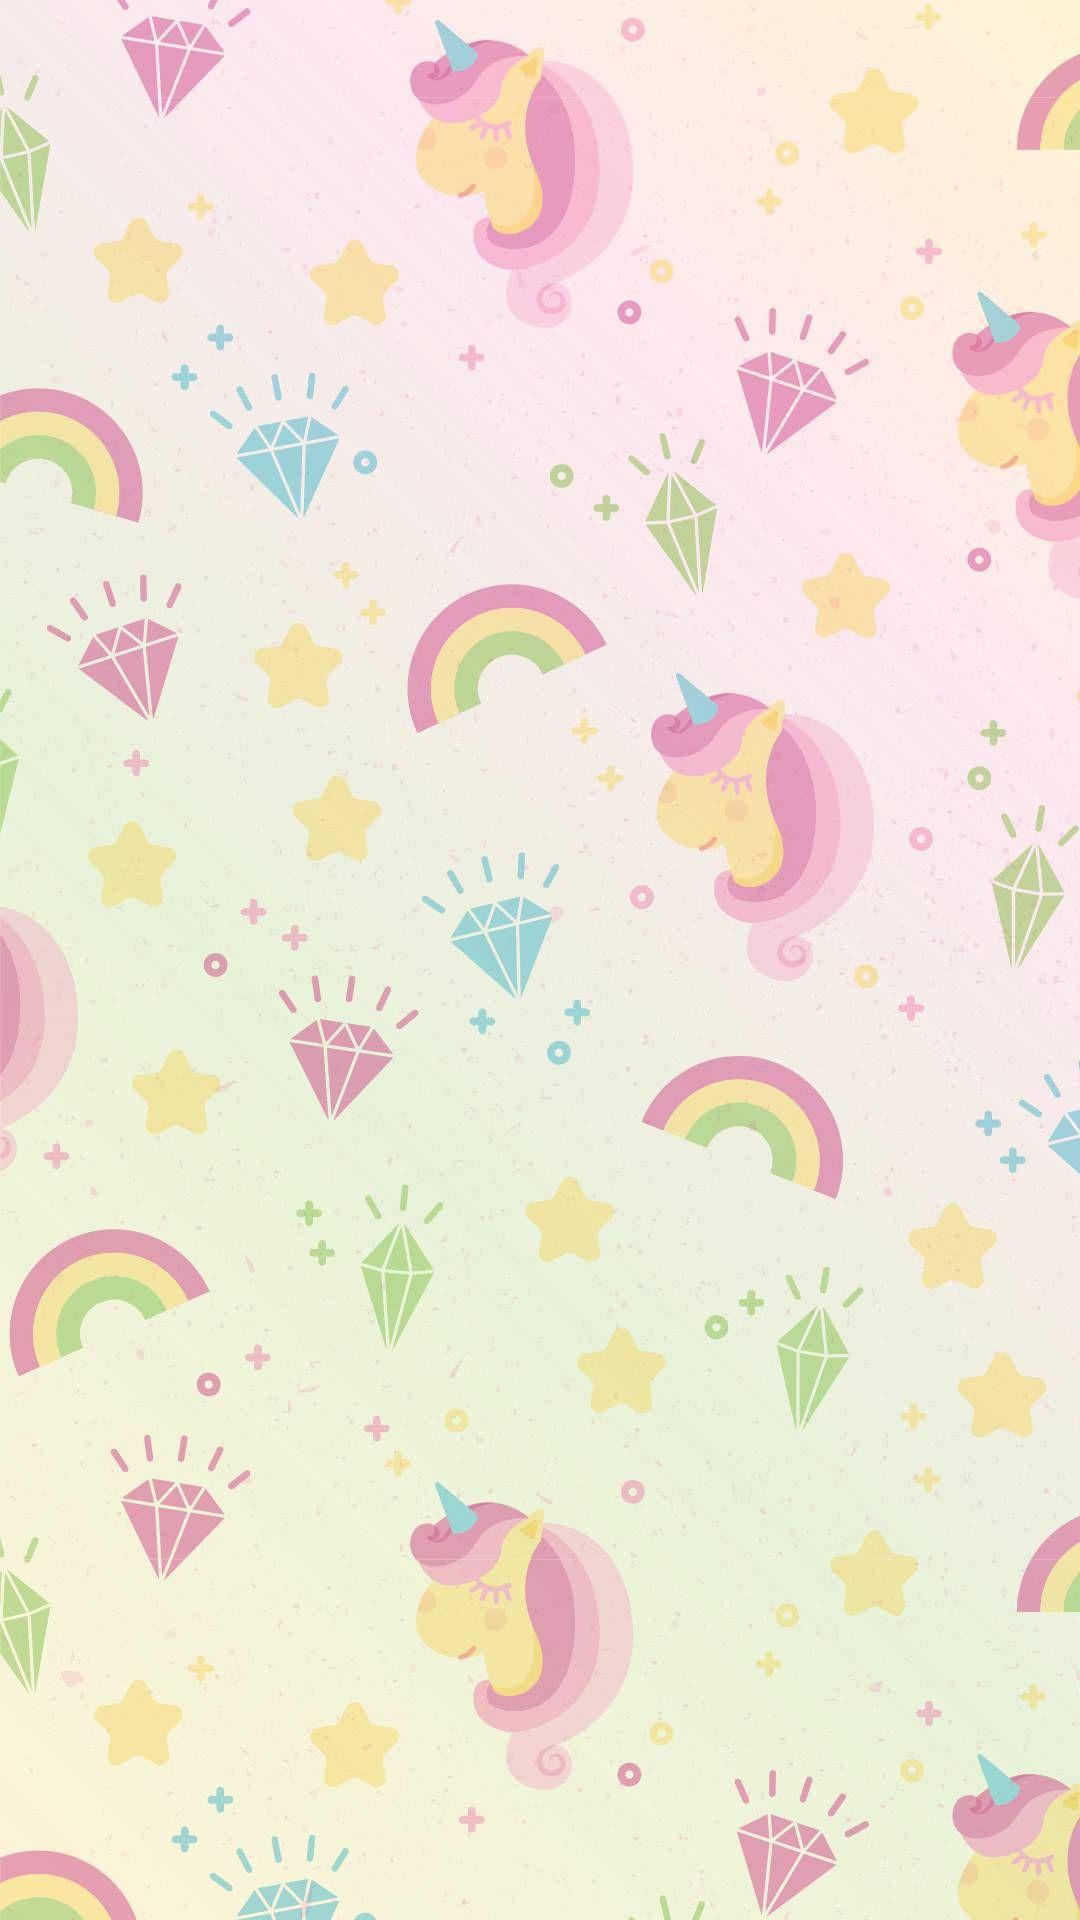 Wallpaper De Unicornios Fofos Para Celular E Whatsapp Unicorn Wallpaper Cute Patterns Wallpaper Unicorn Emoji Wallpapers